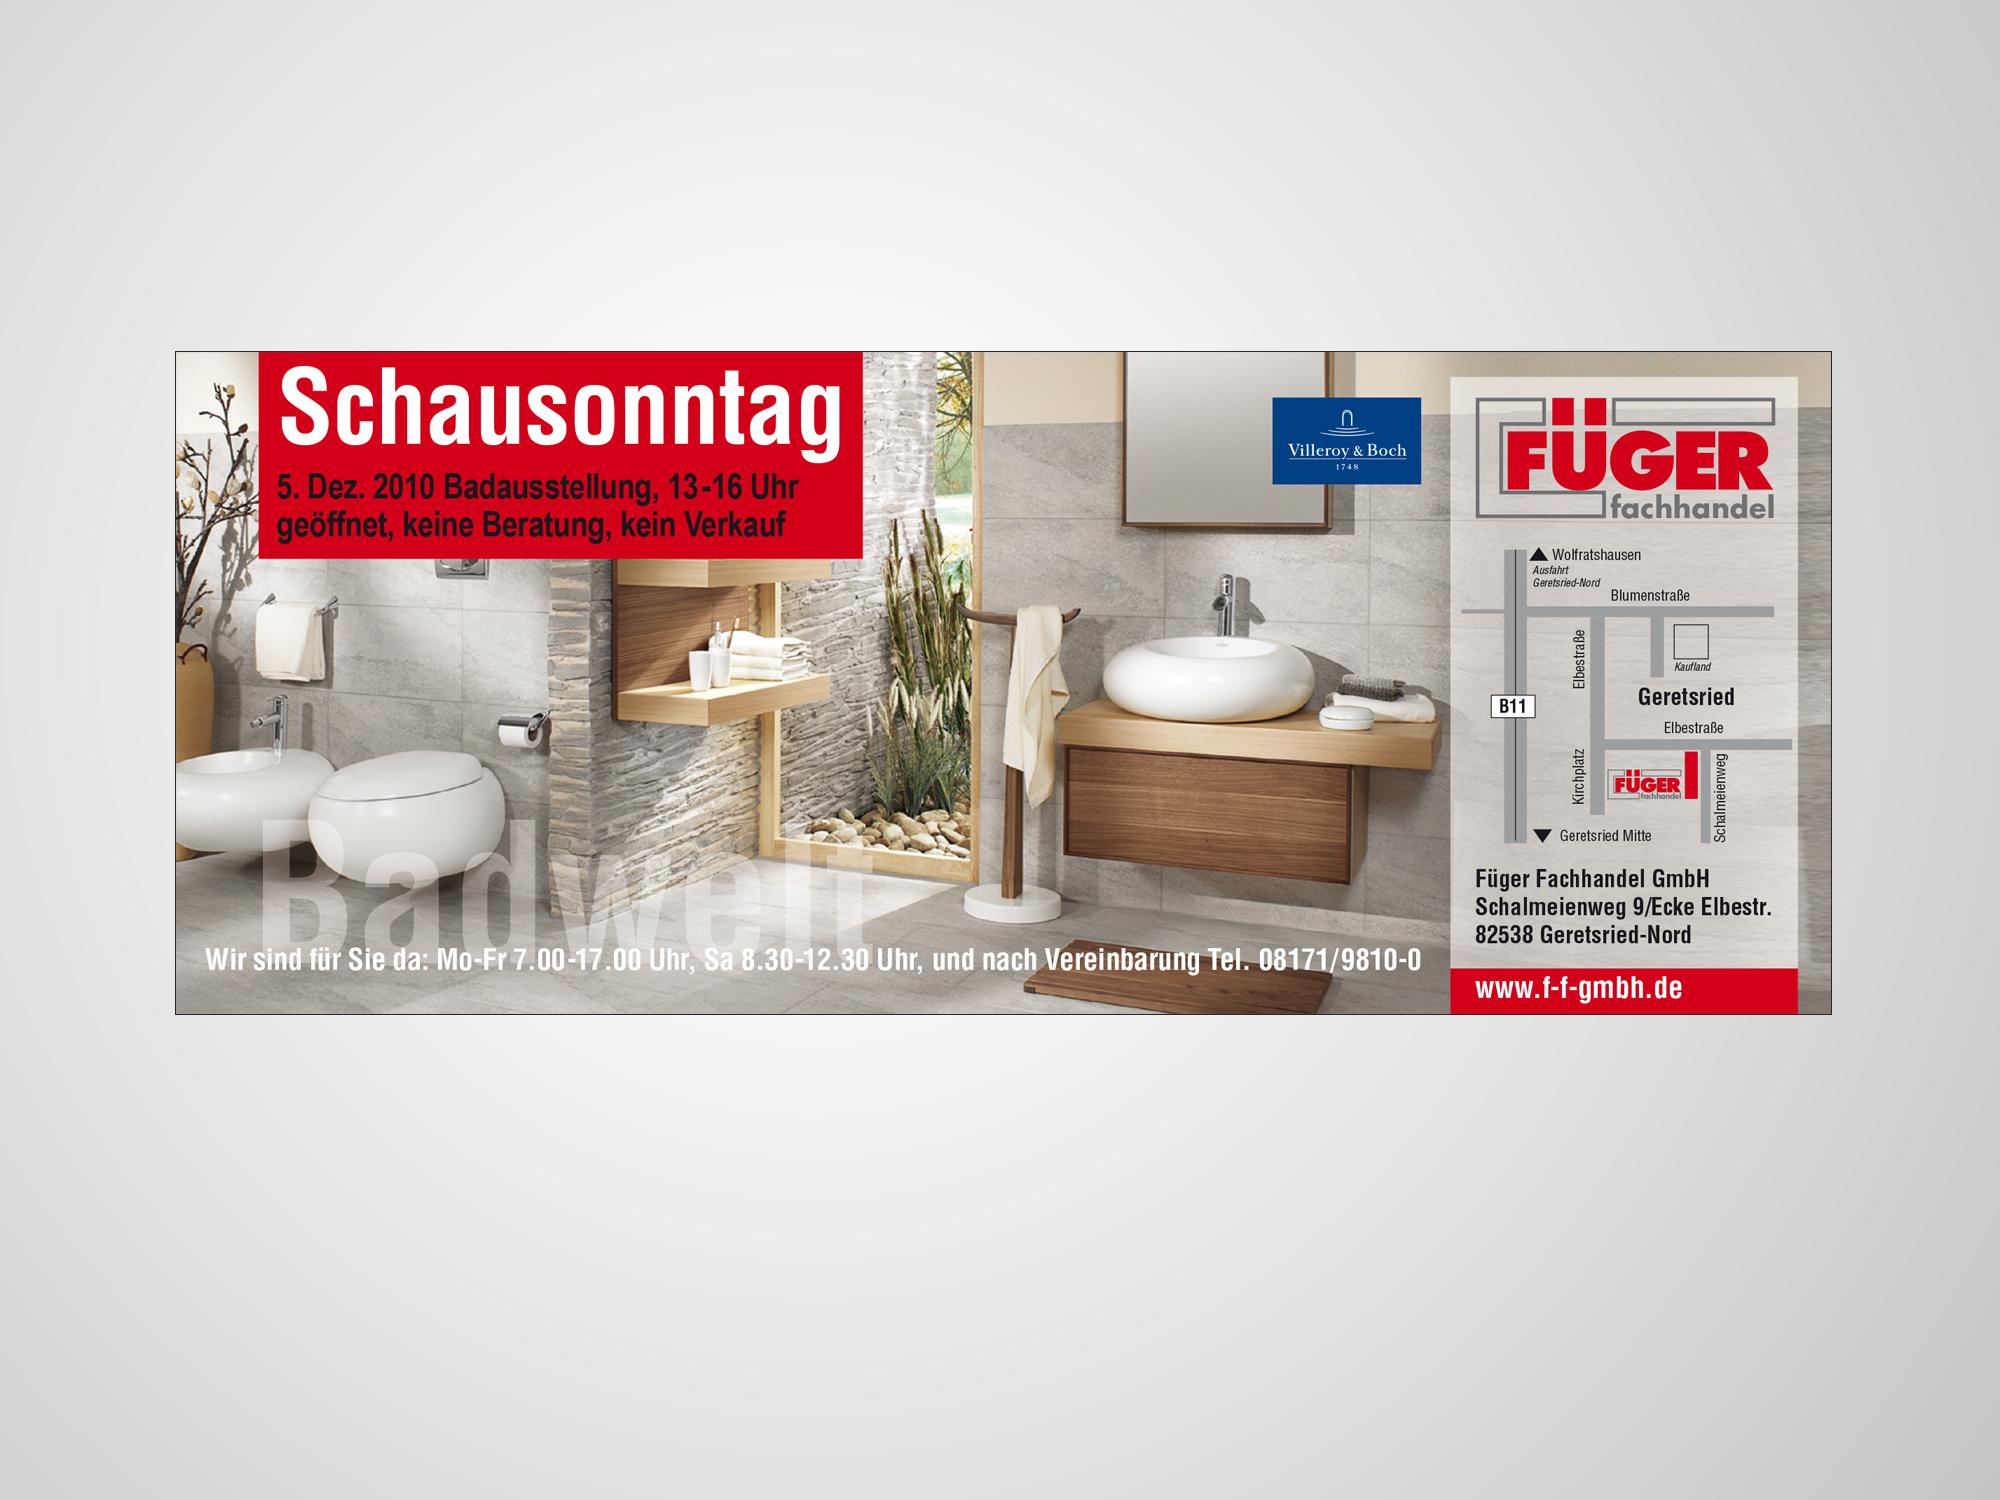 Corporate-Design-fueger-Anzeige